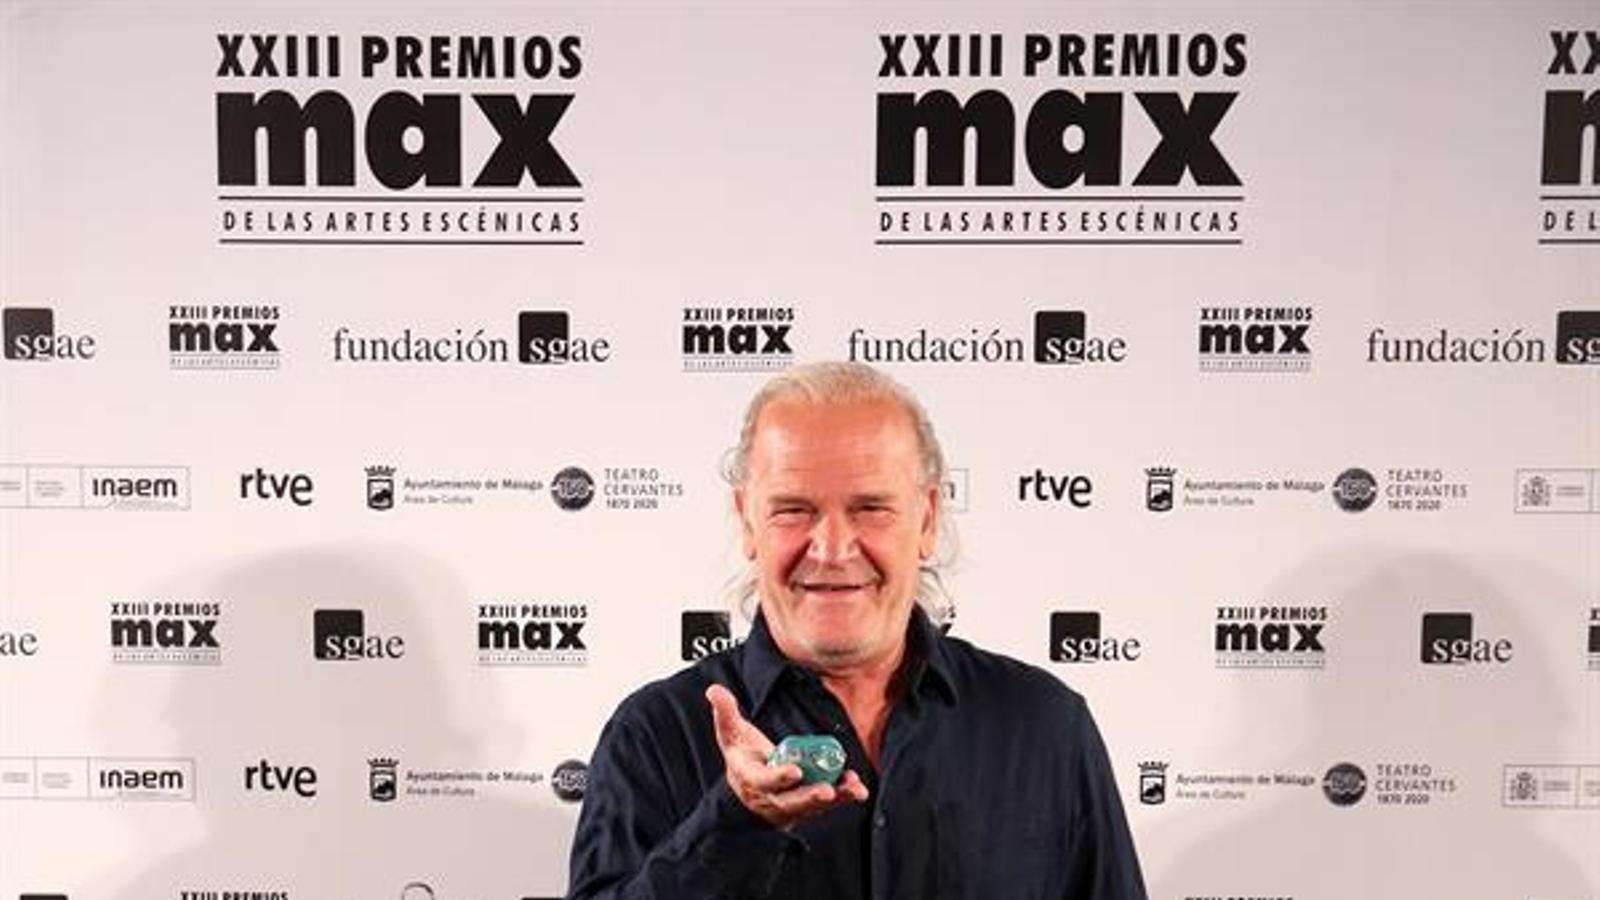 L'actor Lluís Homar, en la seva arribada a la gala de lliurament dels XXIII Premis Max celebrada aquest dilluns al Teatre Cervantes, a Màlaga